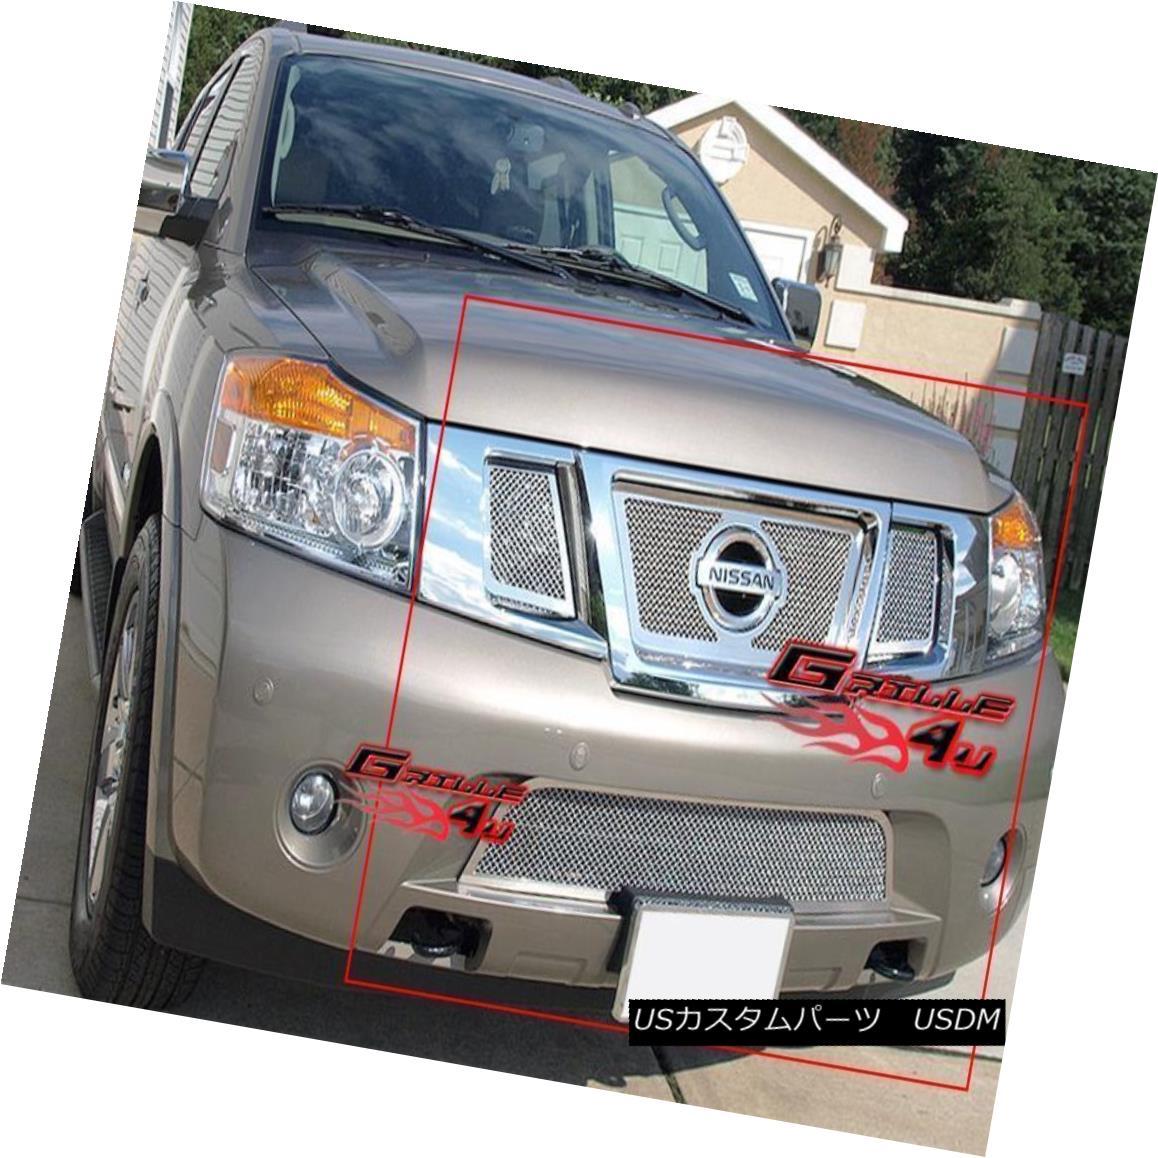 グリル Custom Fits 08-15 2014 2015 Nissan Armada Stainless Mesh Grill Combo カスタムフィット08-15 2014 2015日産アルマダステンレスメッシュグリルコンボ